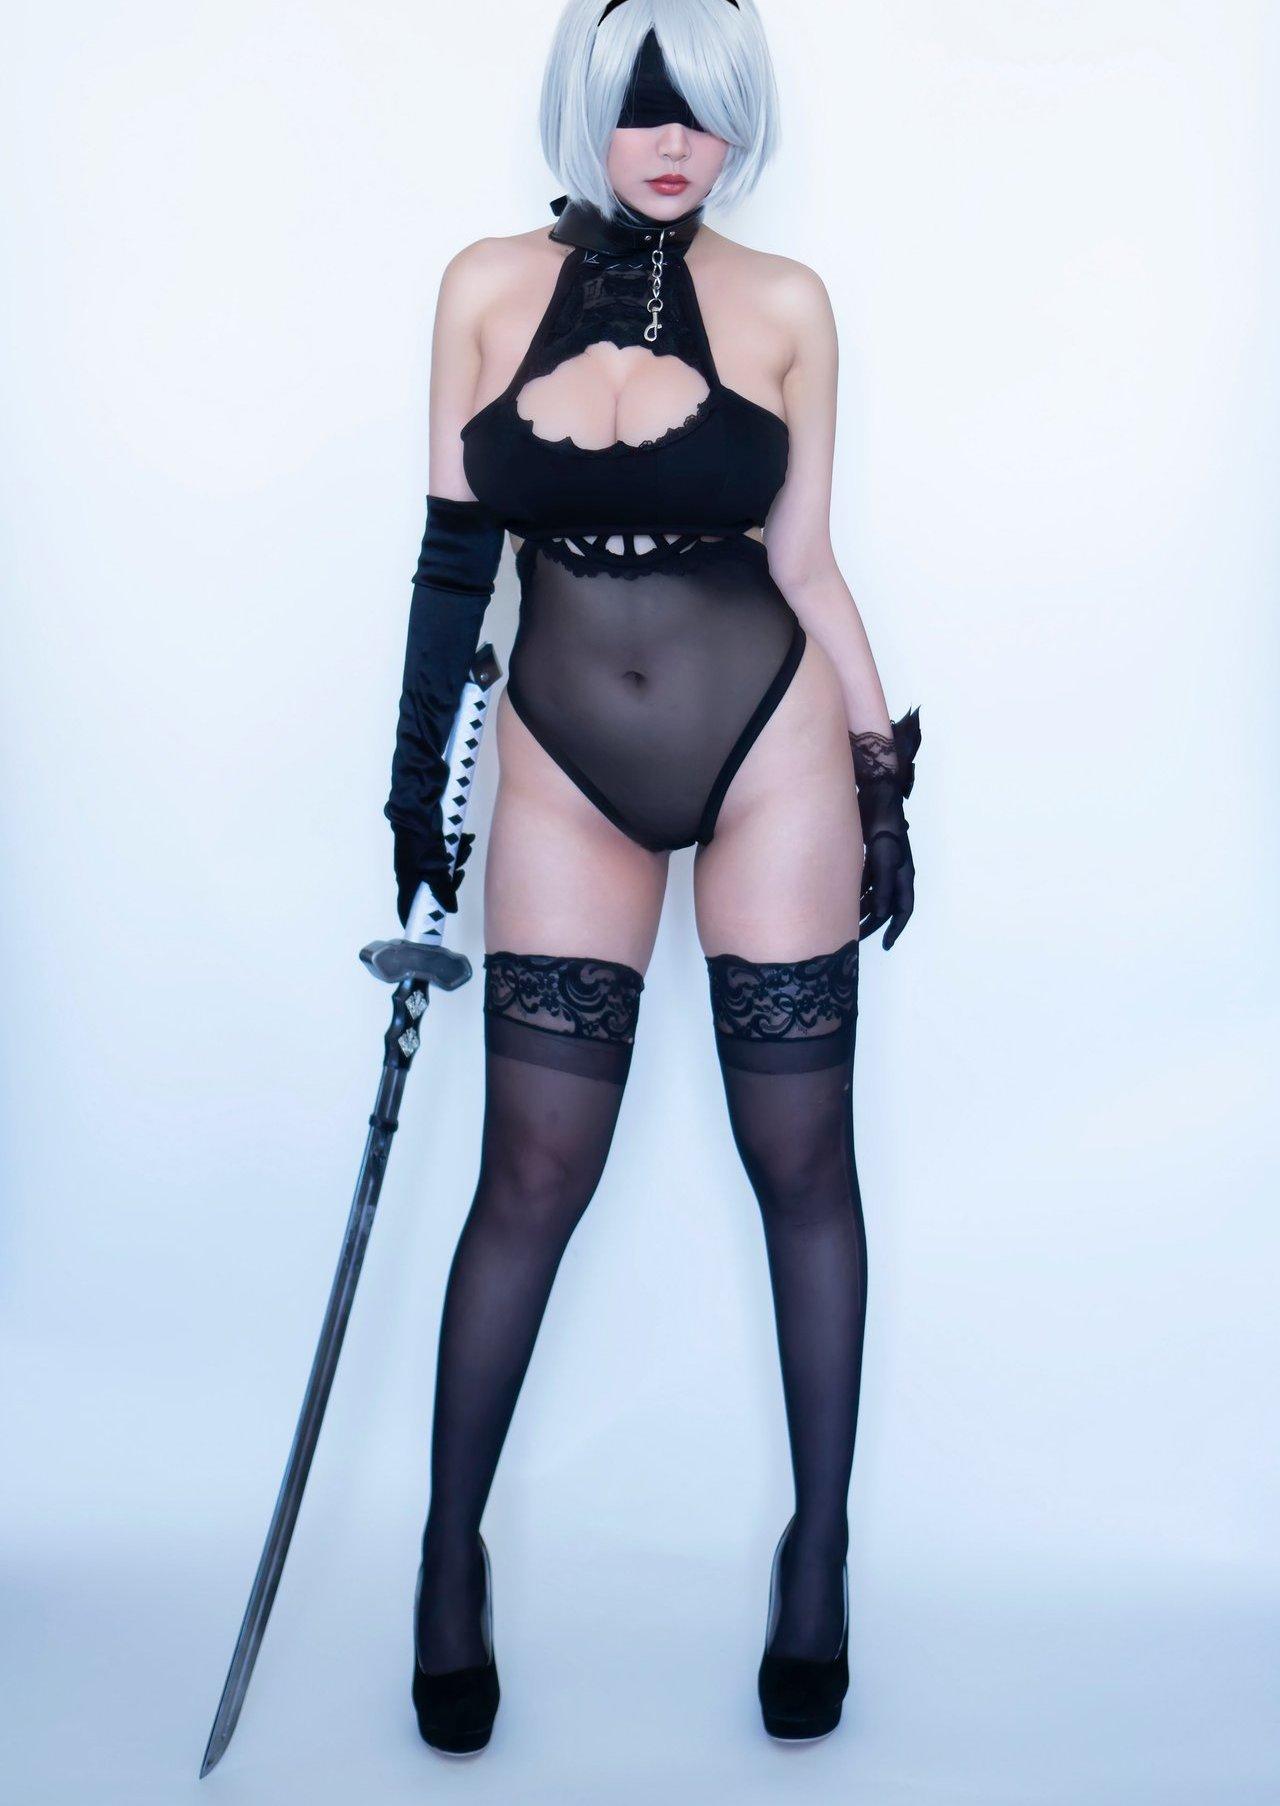 Hana Bunny Patreon Sexy Leaks 0029